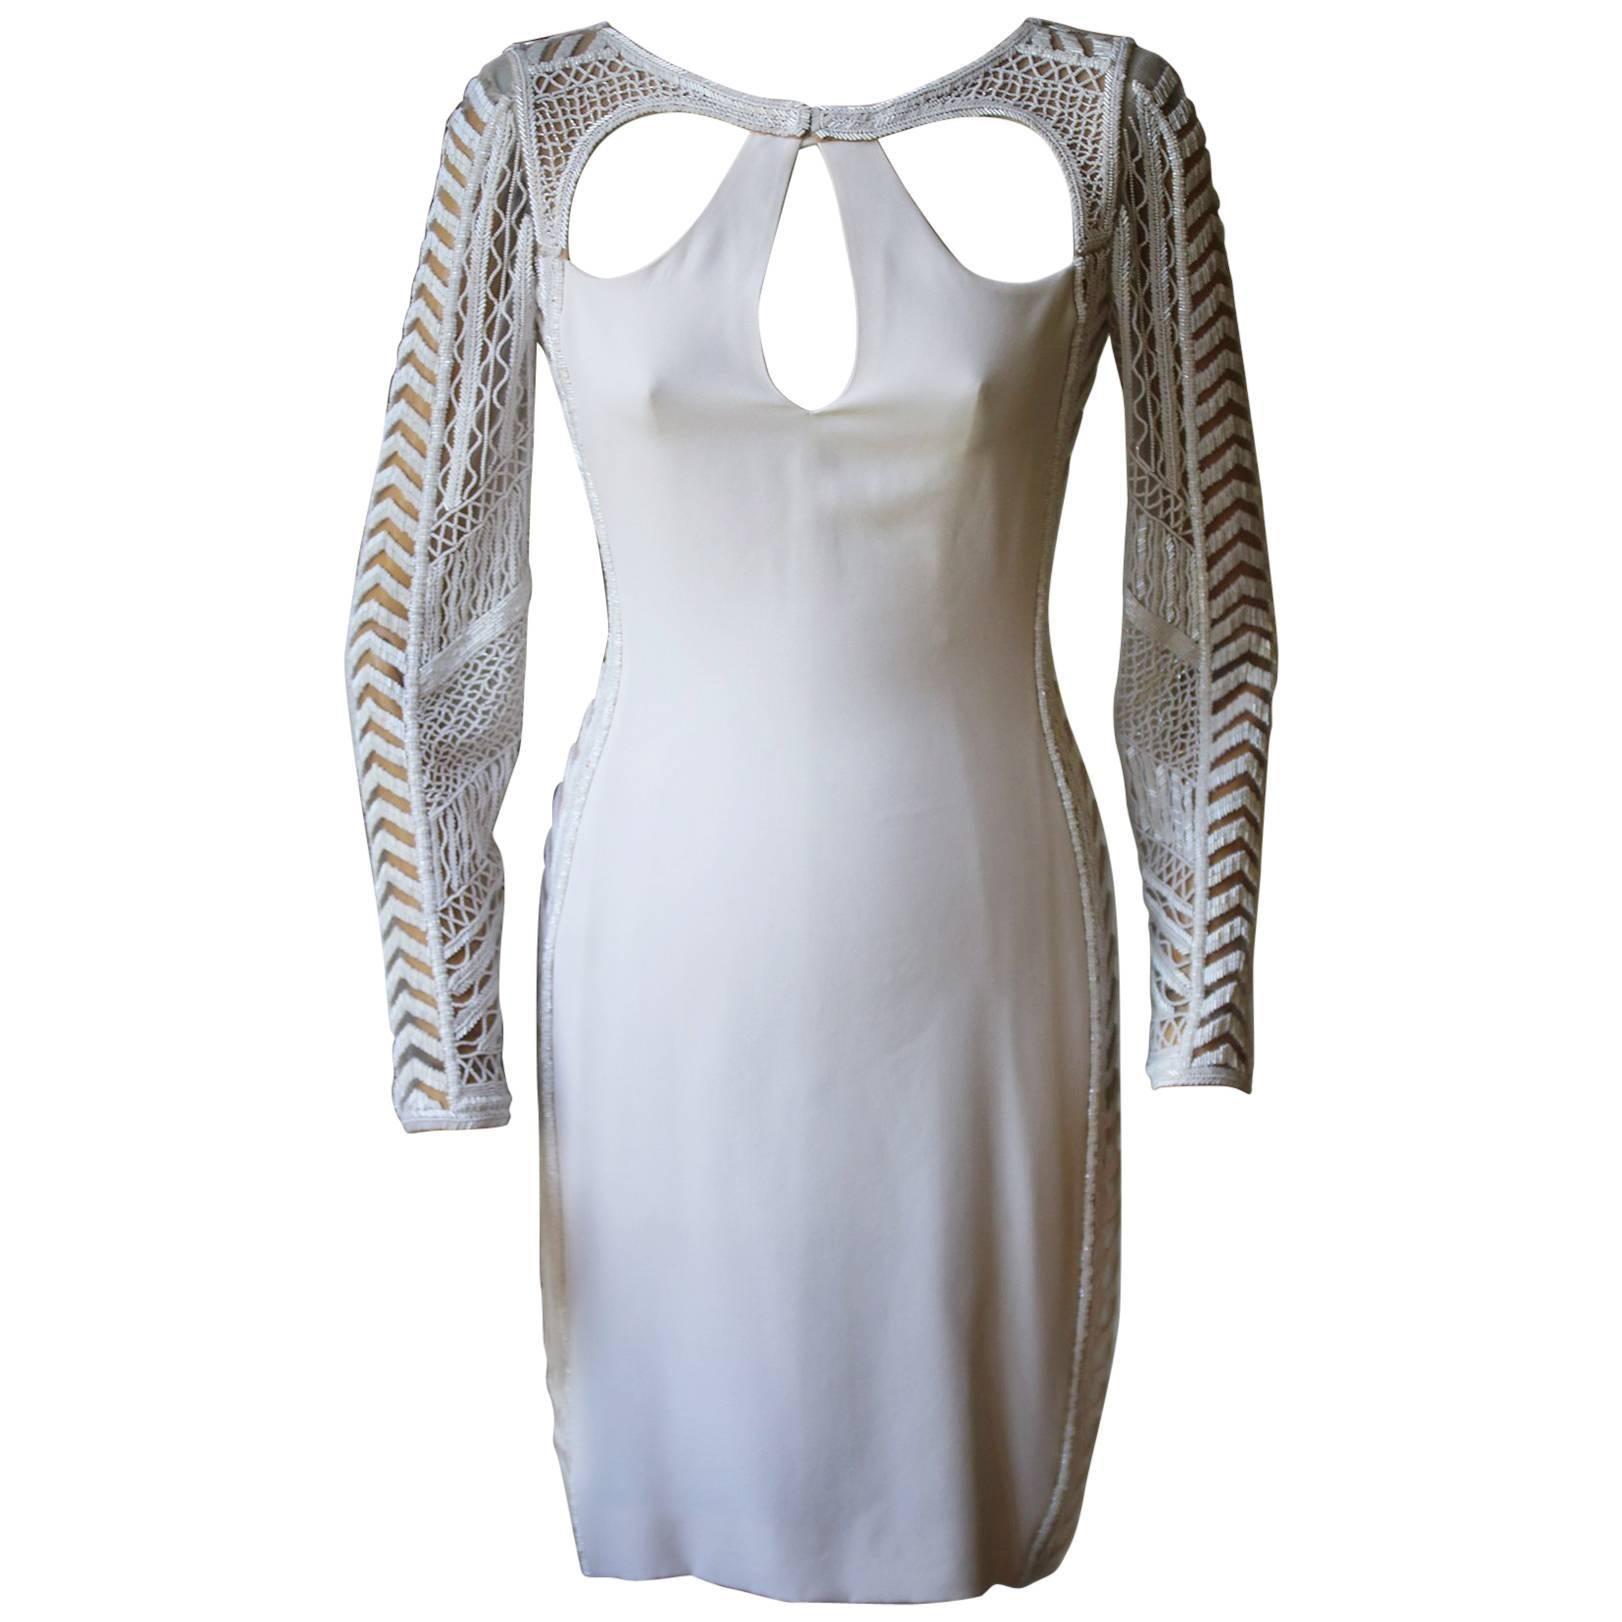 Emilio Pucci Bead Embellished Ivory Dress